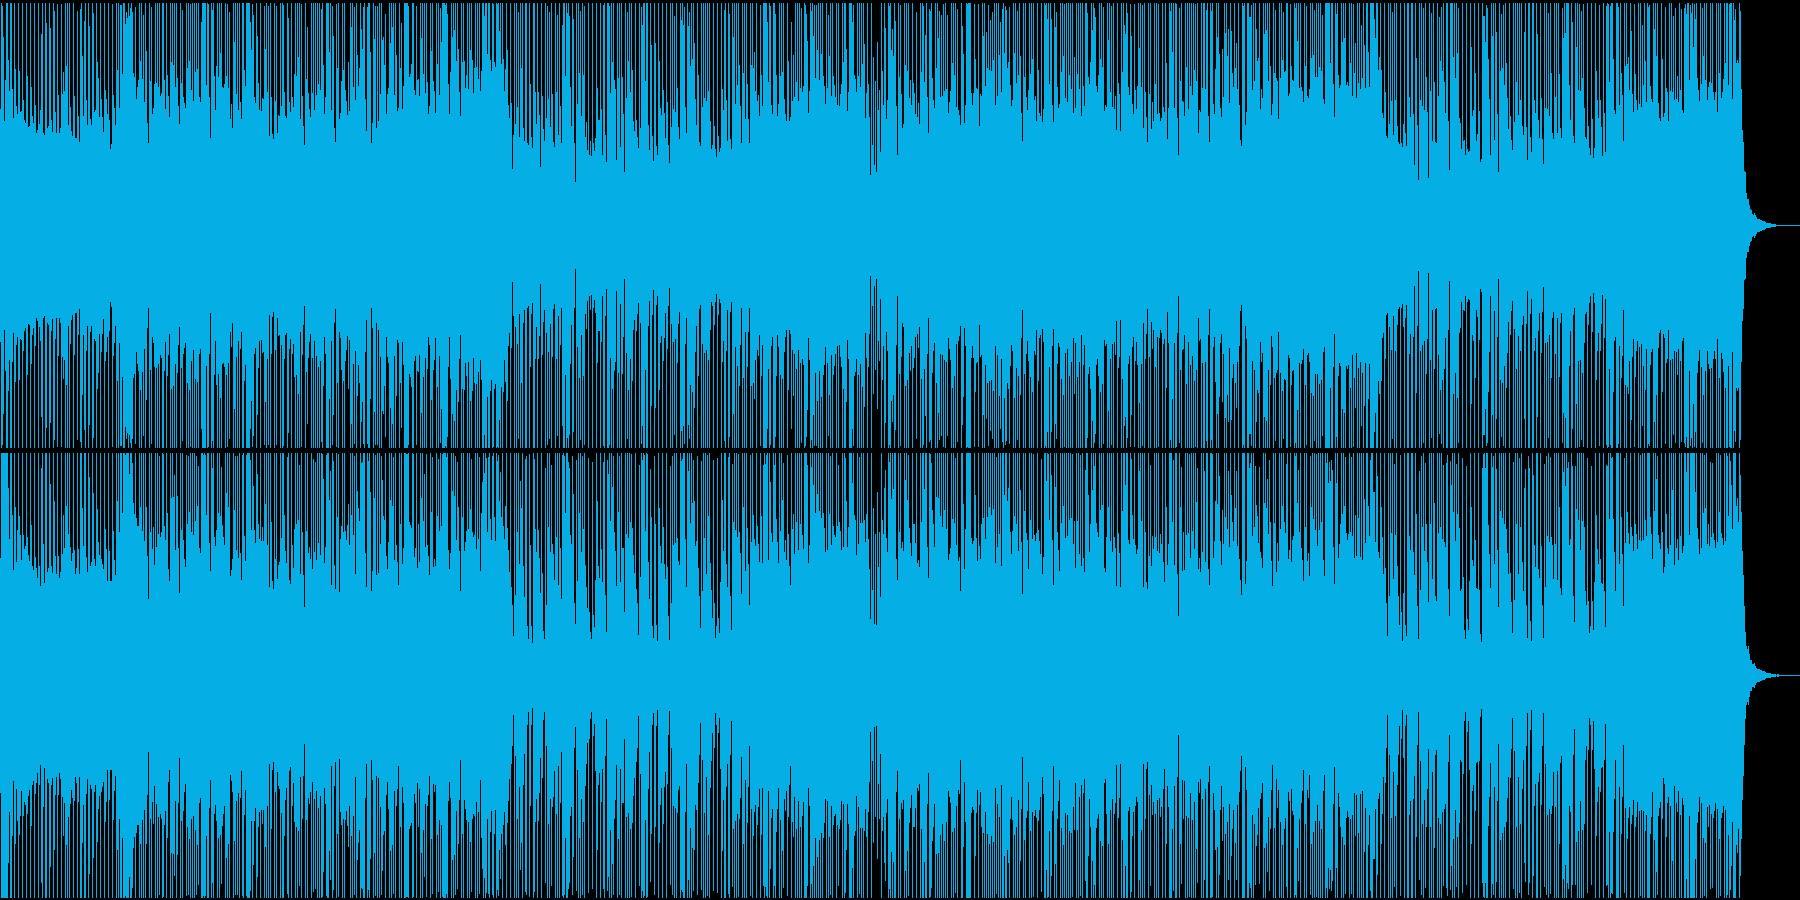 ロック/激しい/重い/バンド/派手の再生済みの波形